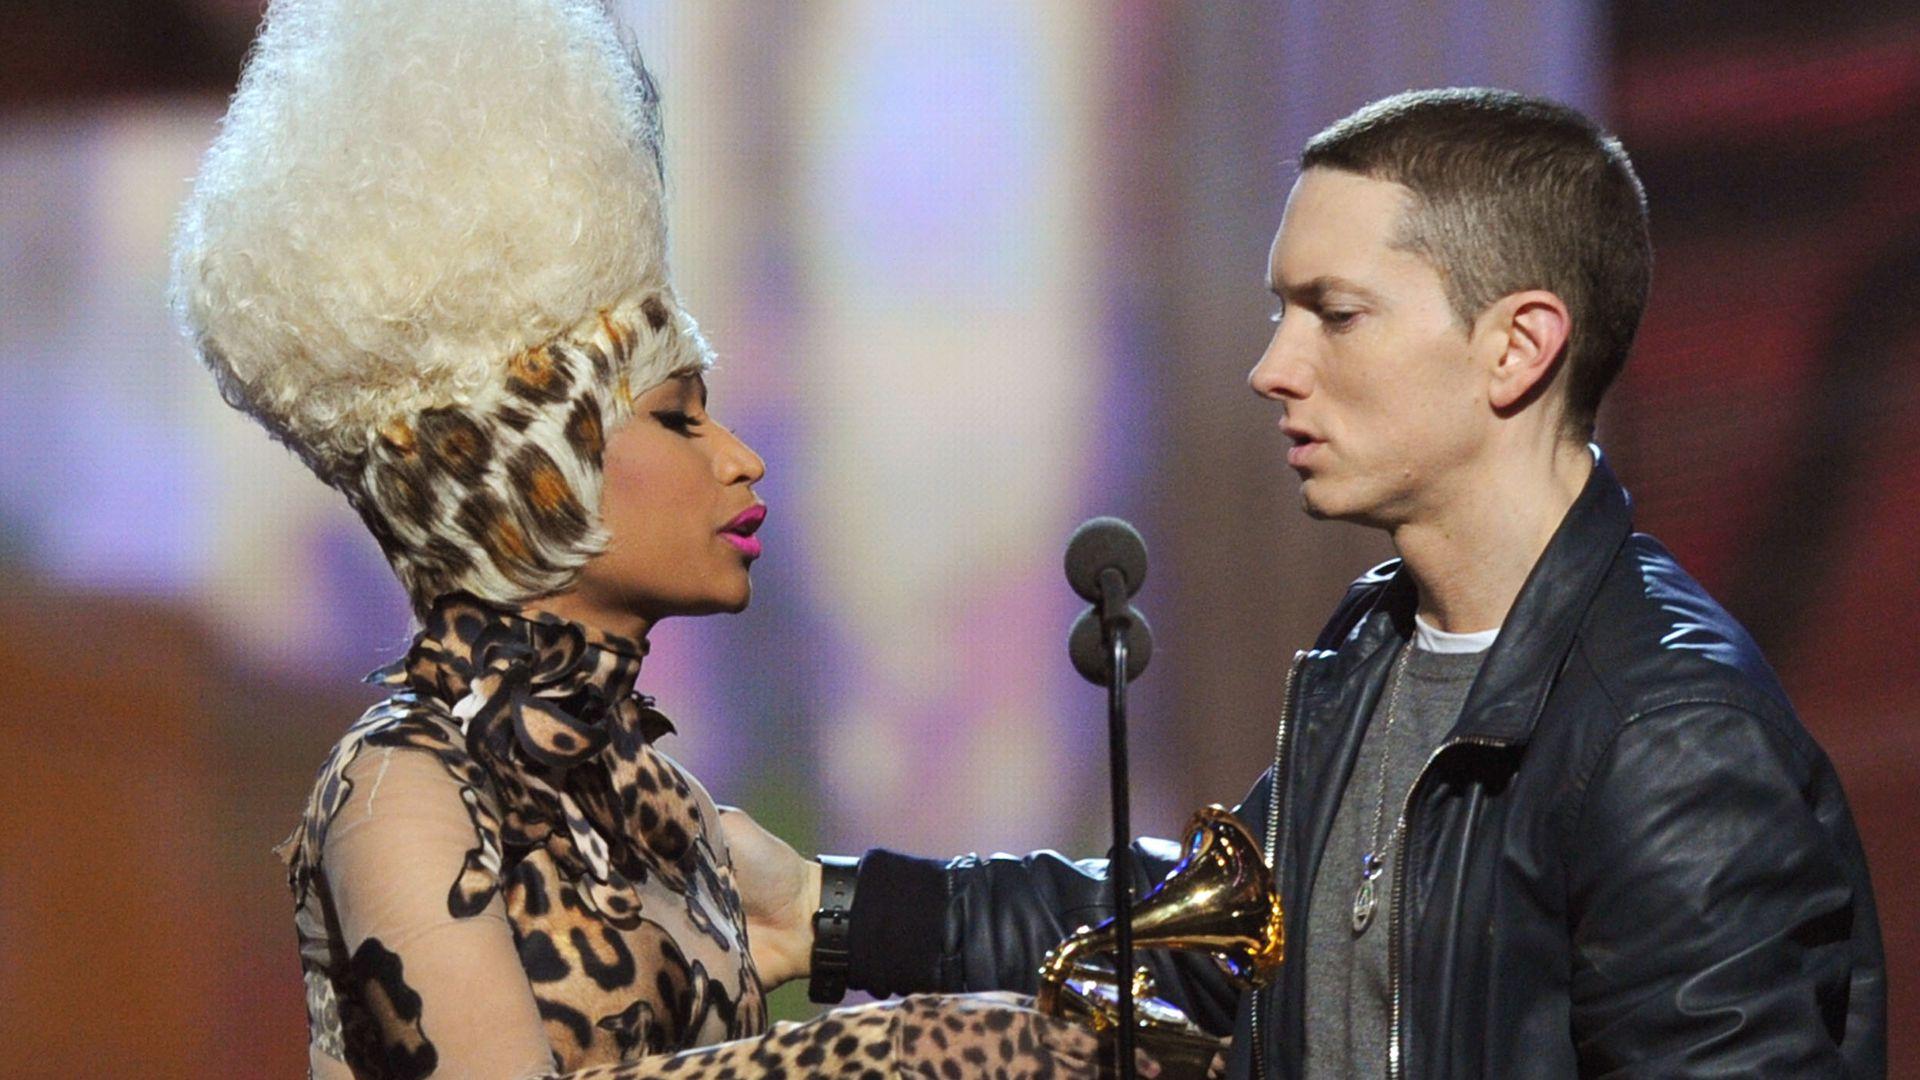 Auf-Instagram-offenbart-Nicki-Minaj-datet-wirklich-Eminem-